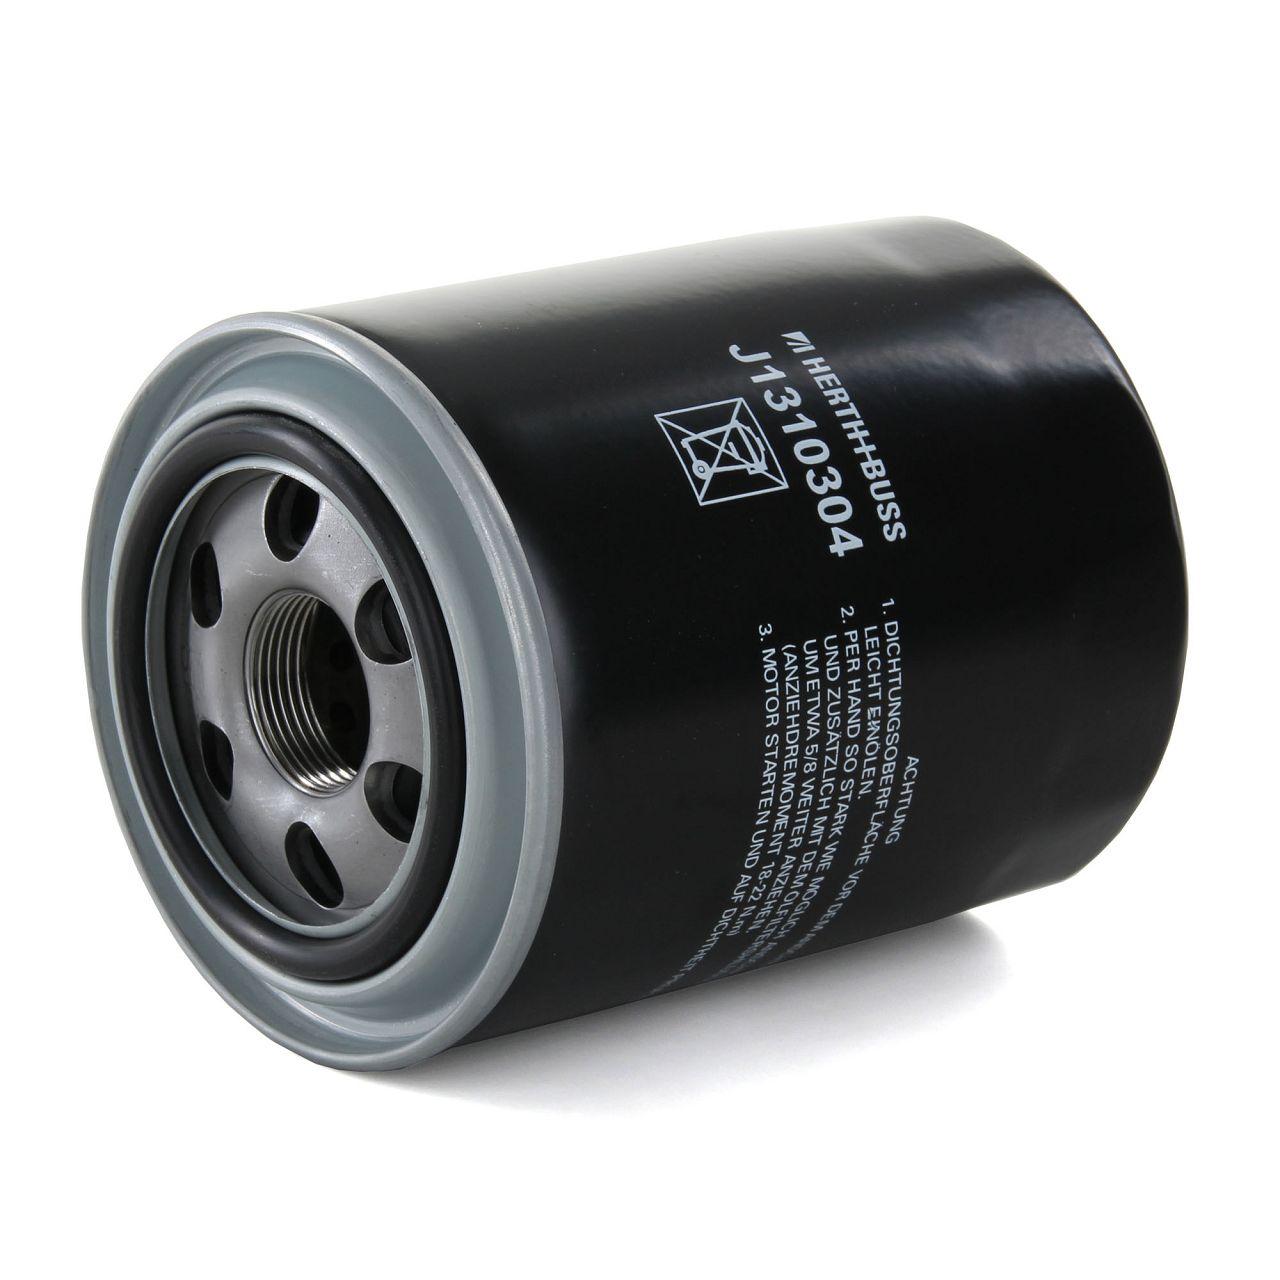 HERTH+BUSS JAKOPARTS Filterset für KIA GRAND / CARNIVAL III (VQ) 2.9 CRDi 185PS